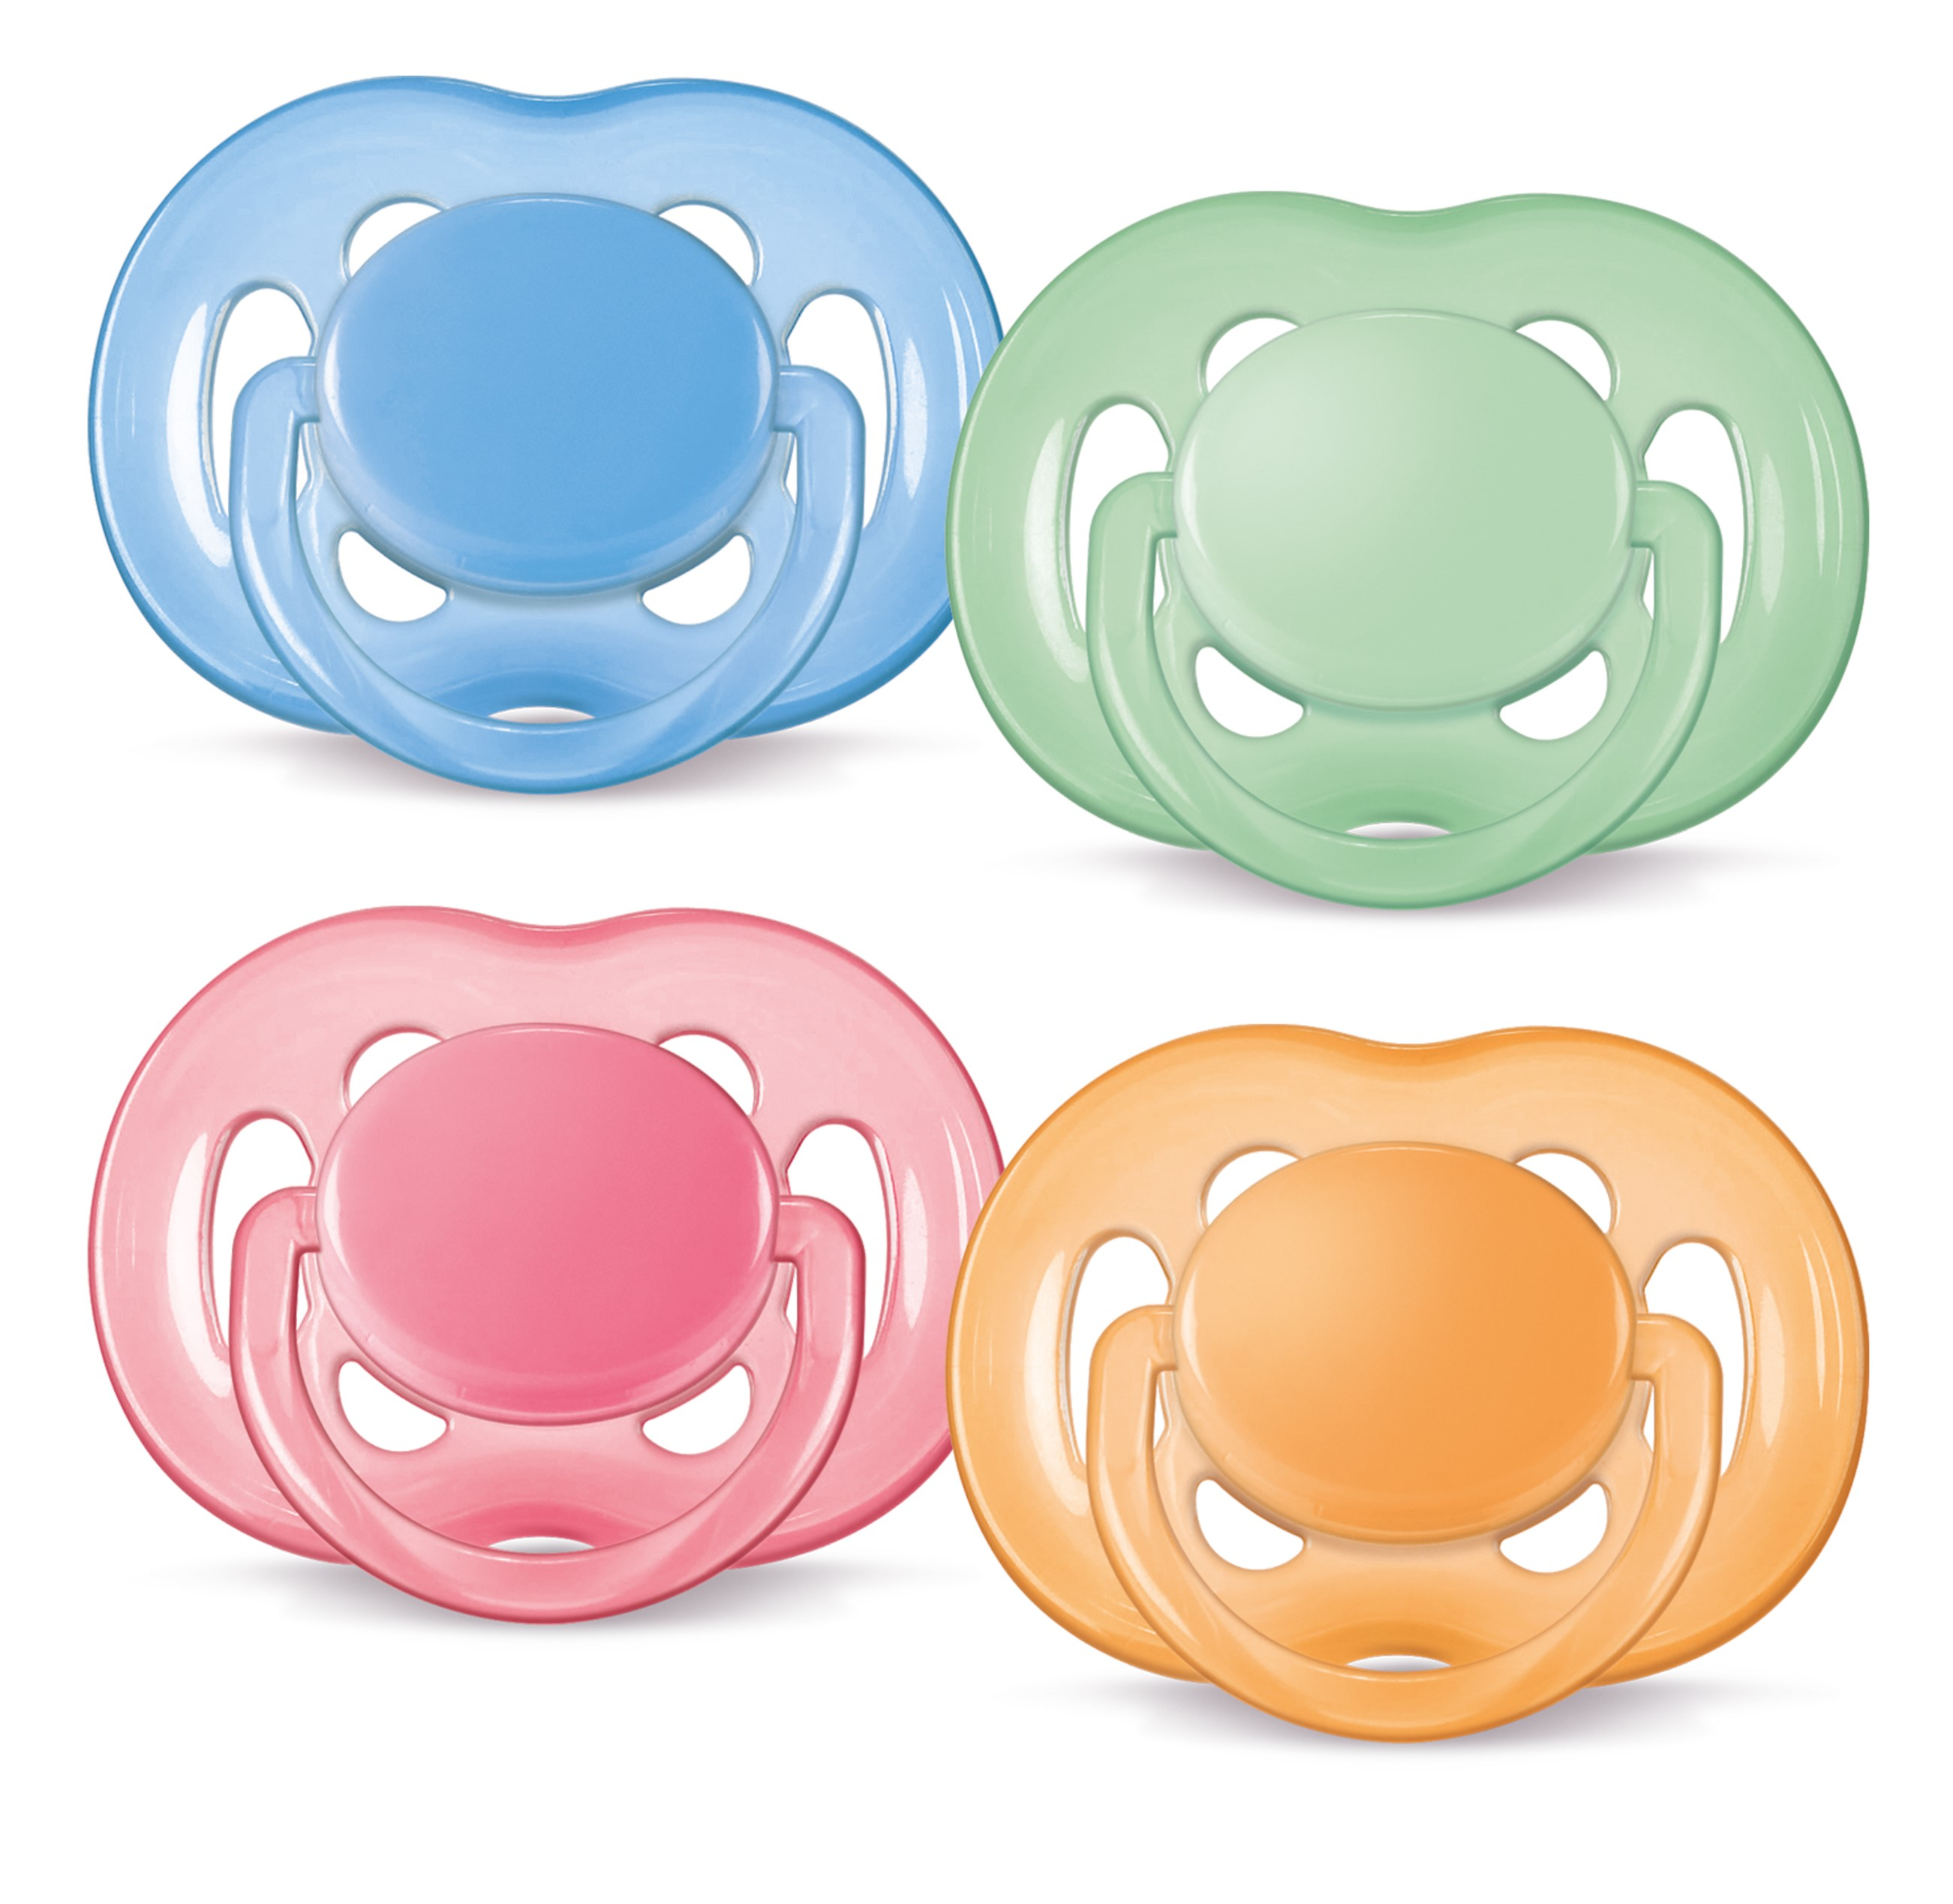 Пустышки Philips AVENT Пустышка Philips-Avent силиконовая FREEFLOW BPA-Free 6-18 мес 1 шт freeflow bpa free 2 шт